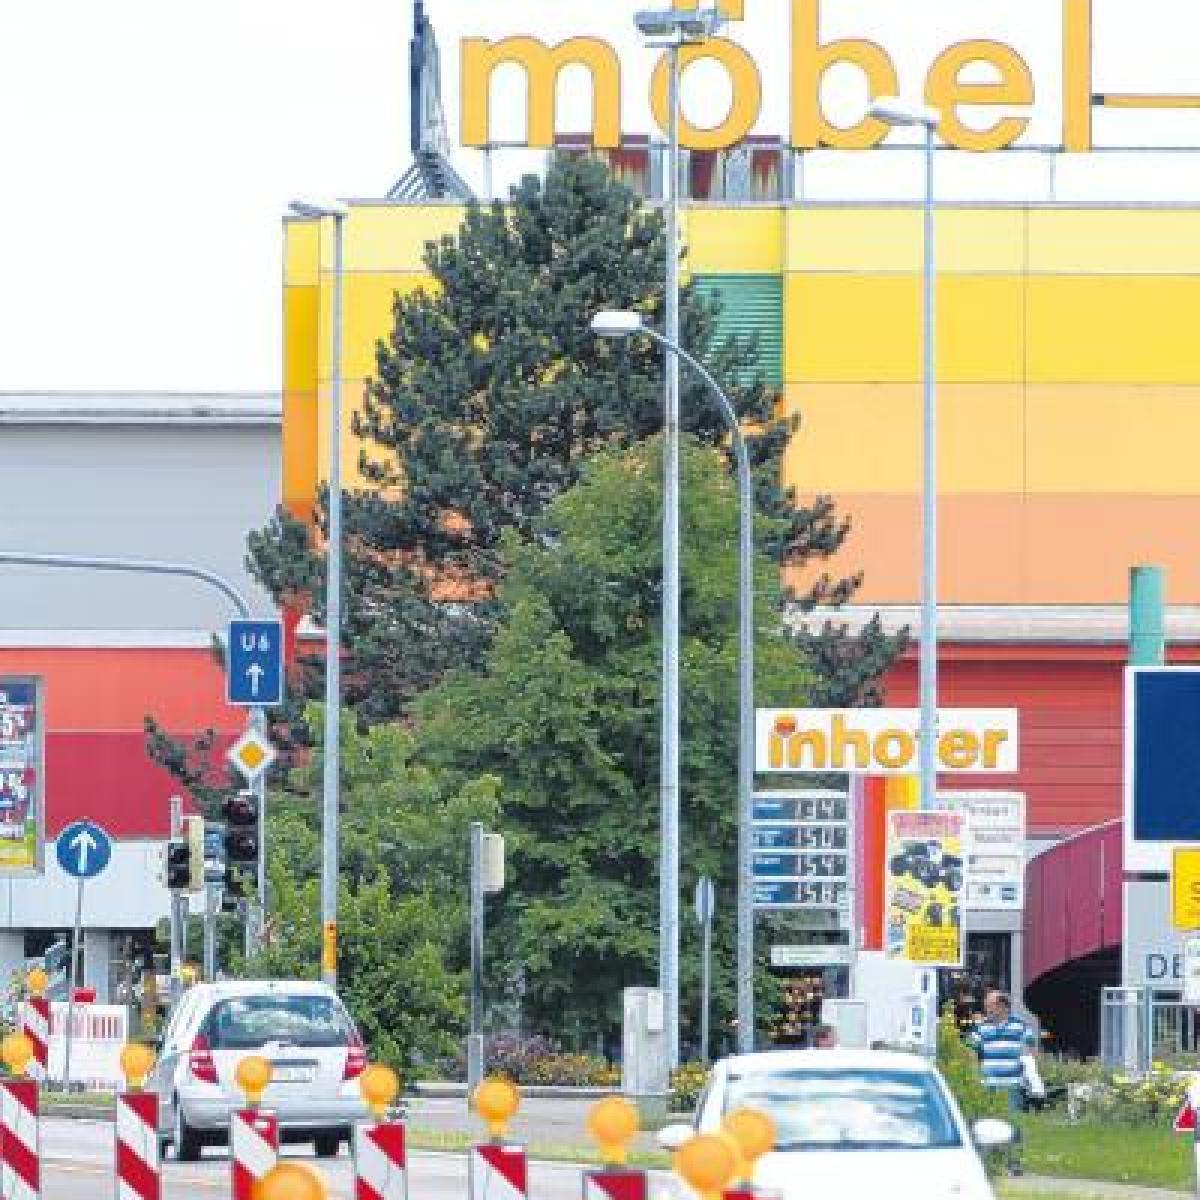 Möbelmarkt Ulm Möbel Inhofer Ulm Senden Digital Transformation In